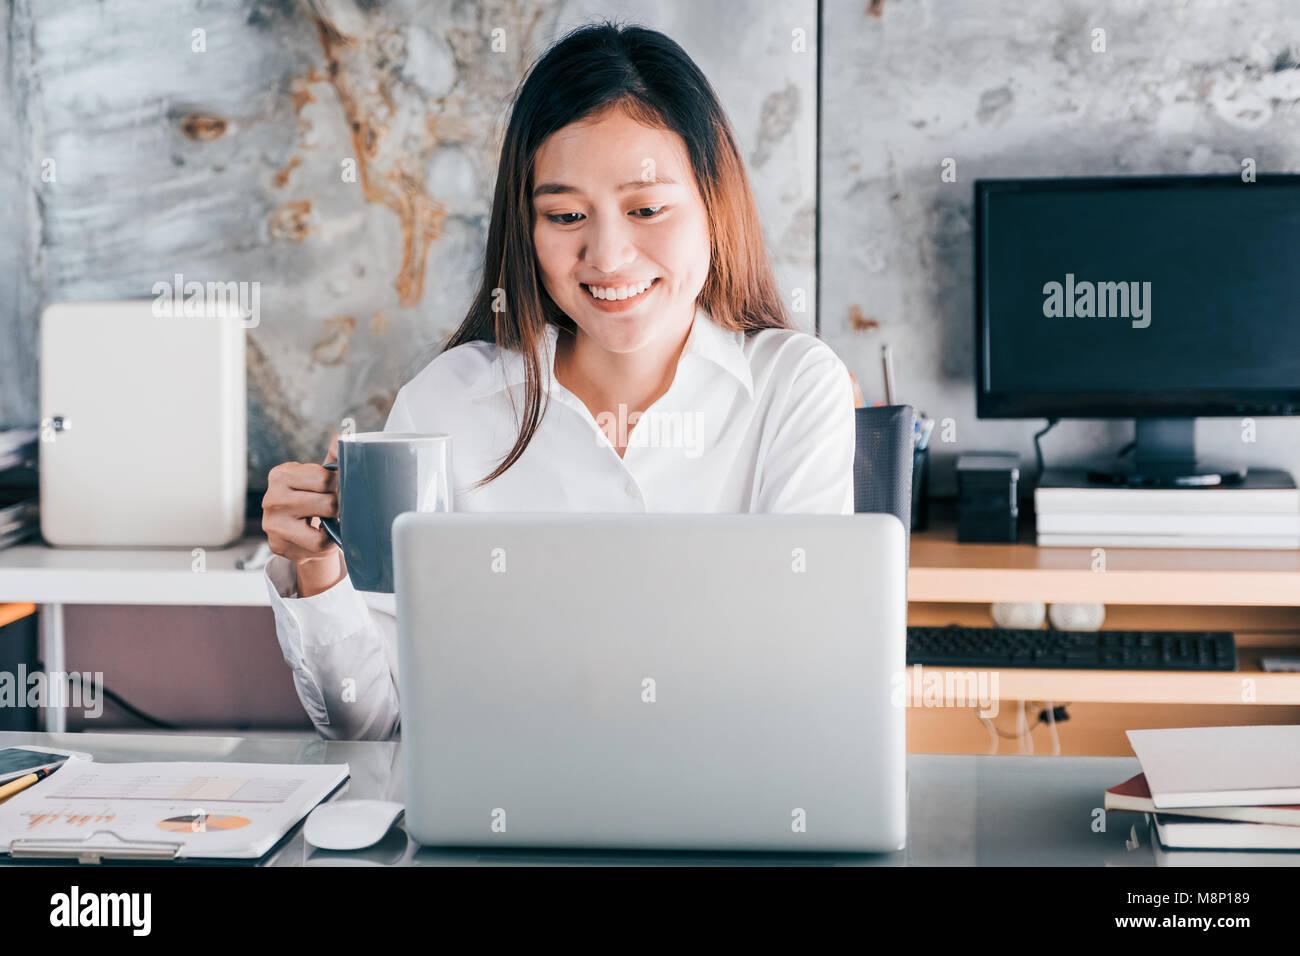 Take Break Coffeebreak : Asian businesswoman take a coffee break after working at laptop